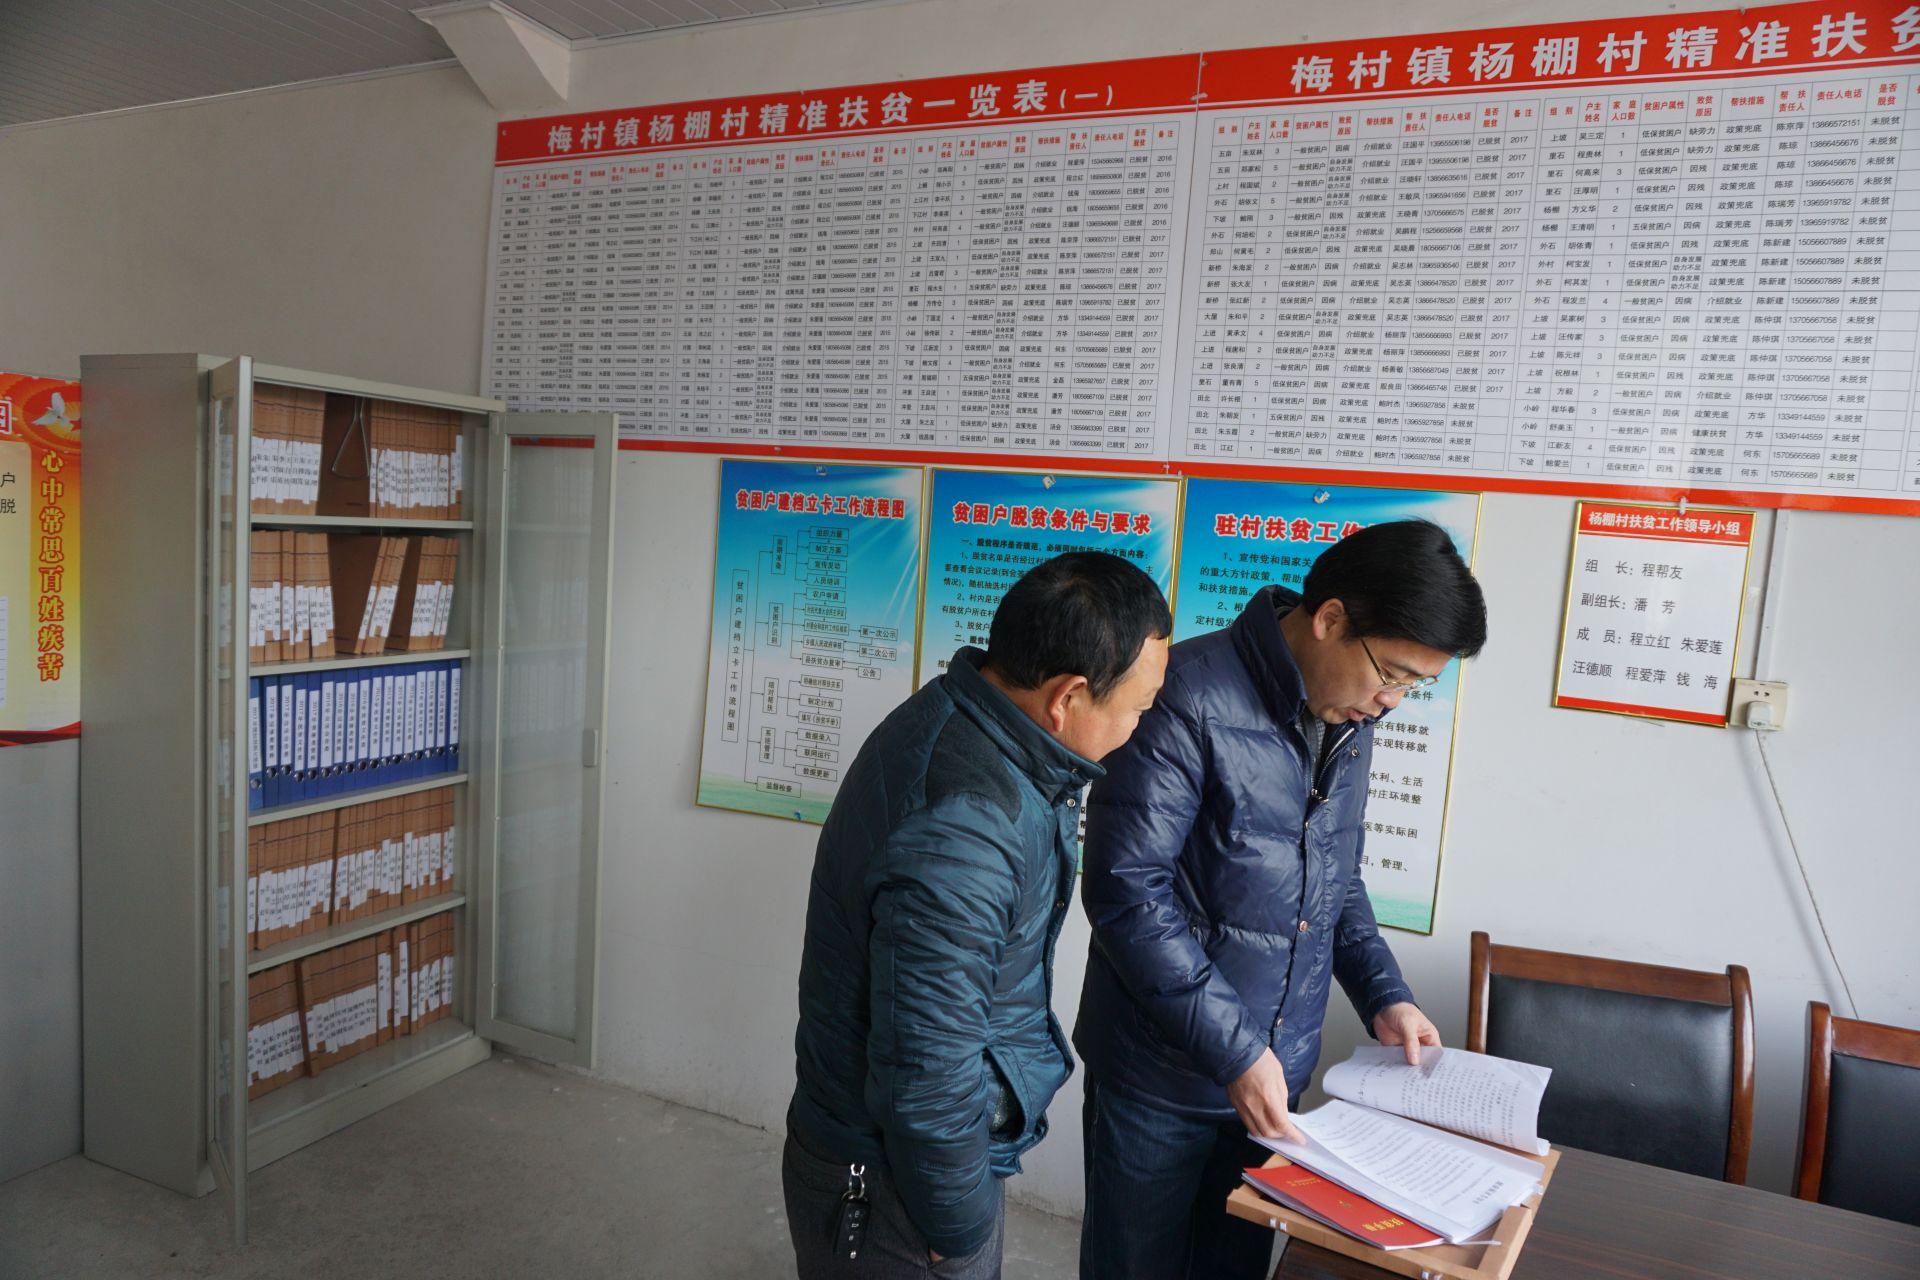 周纳新在梅村镇调研基层党风廉政建设工作